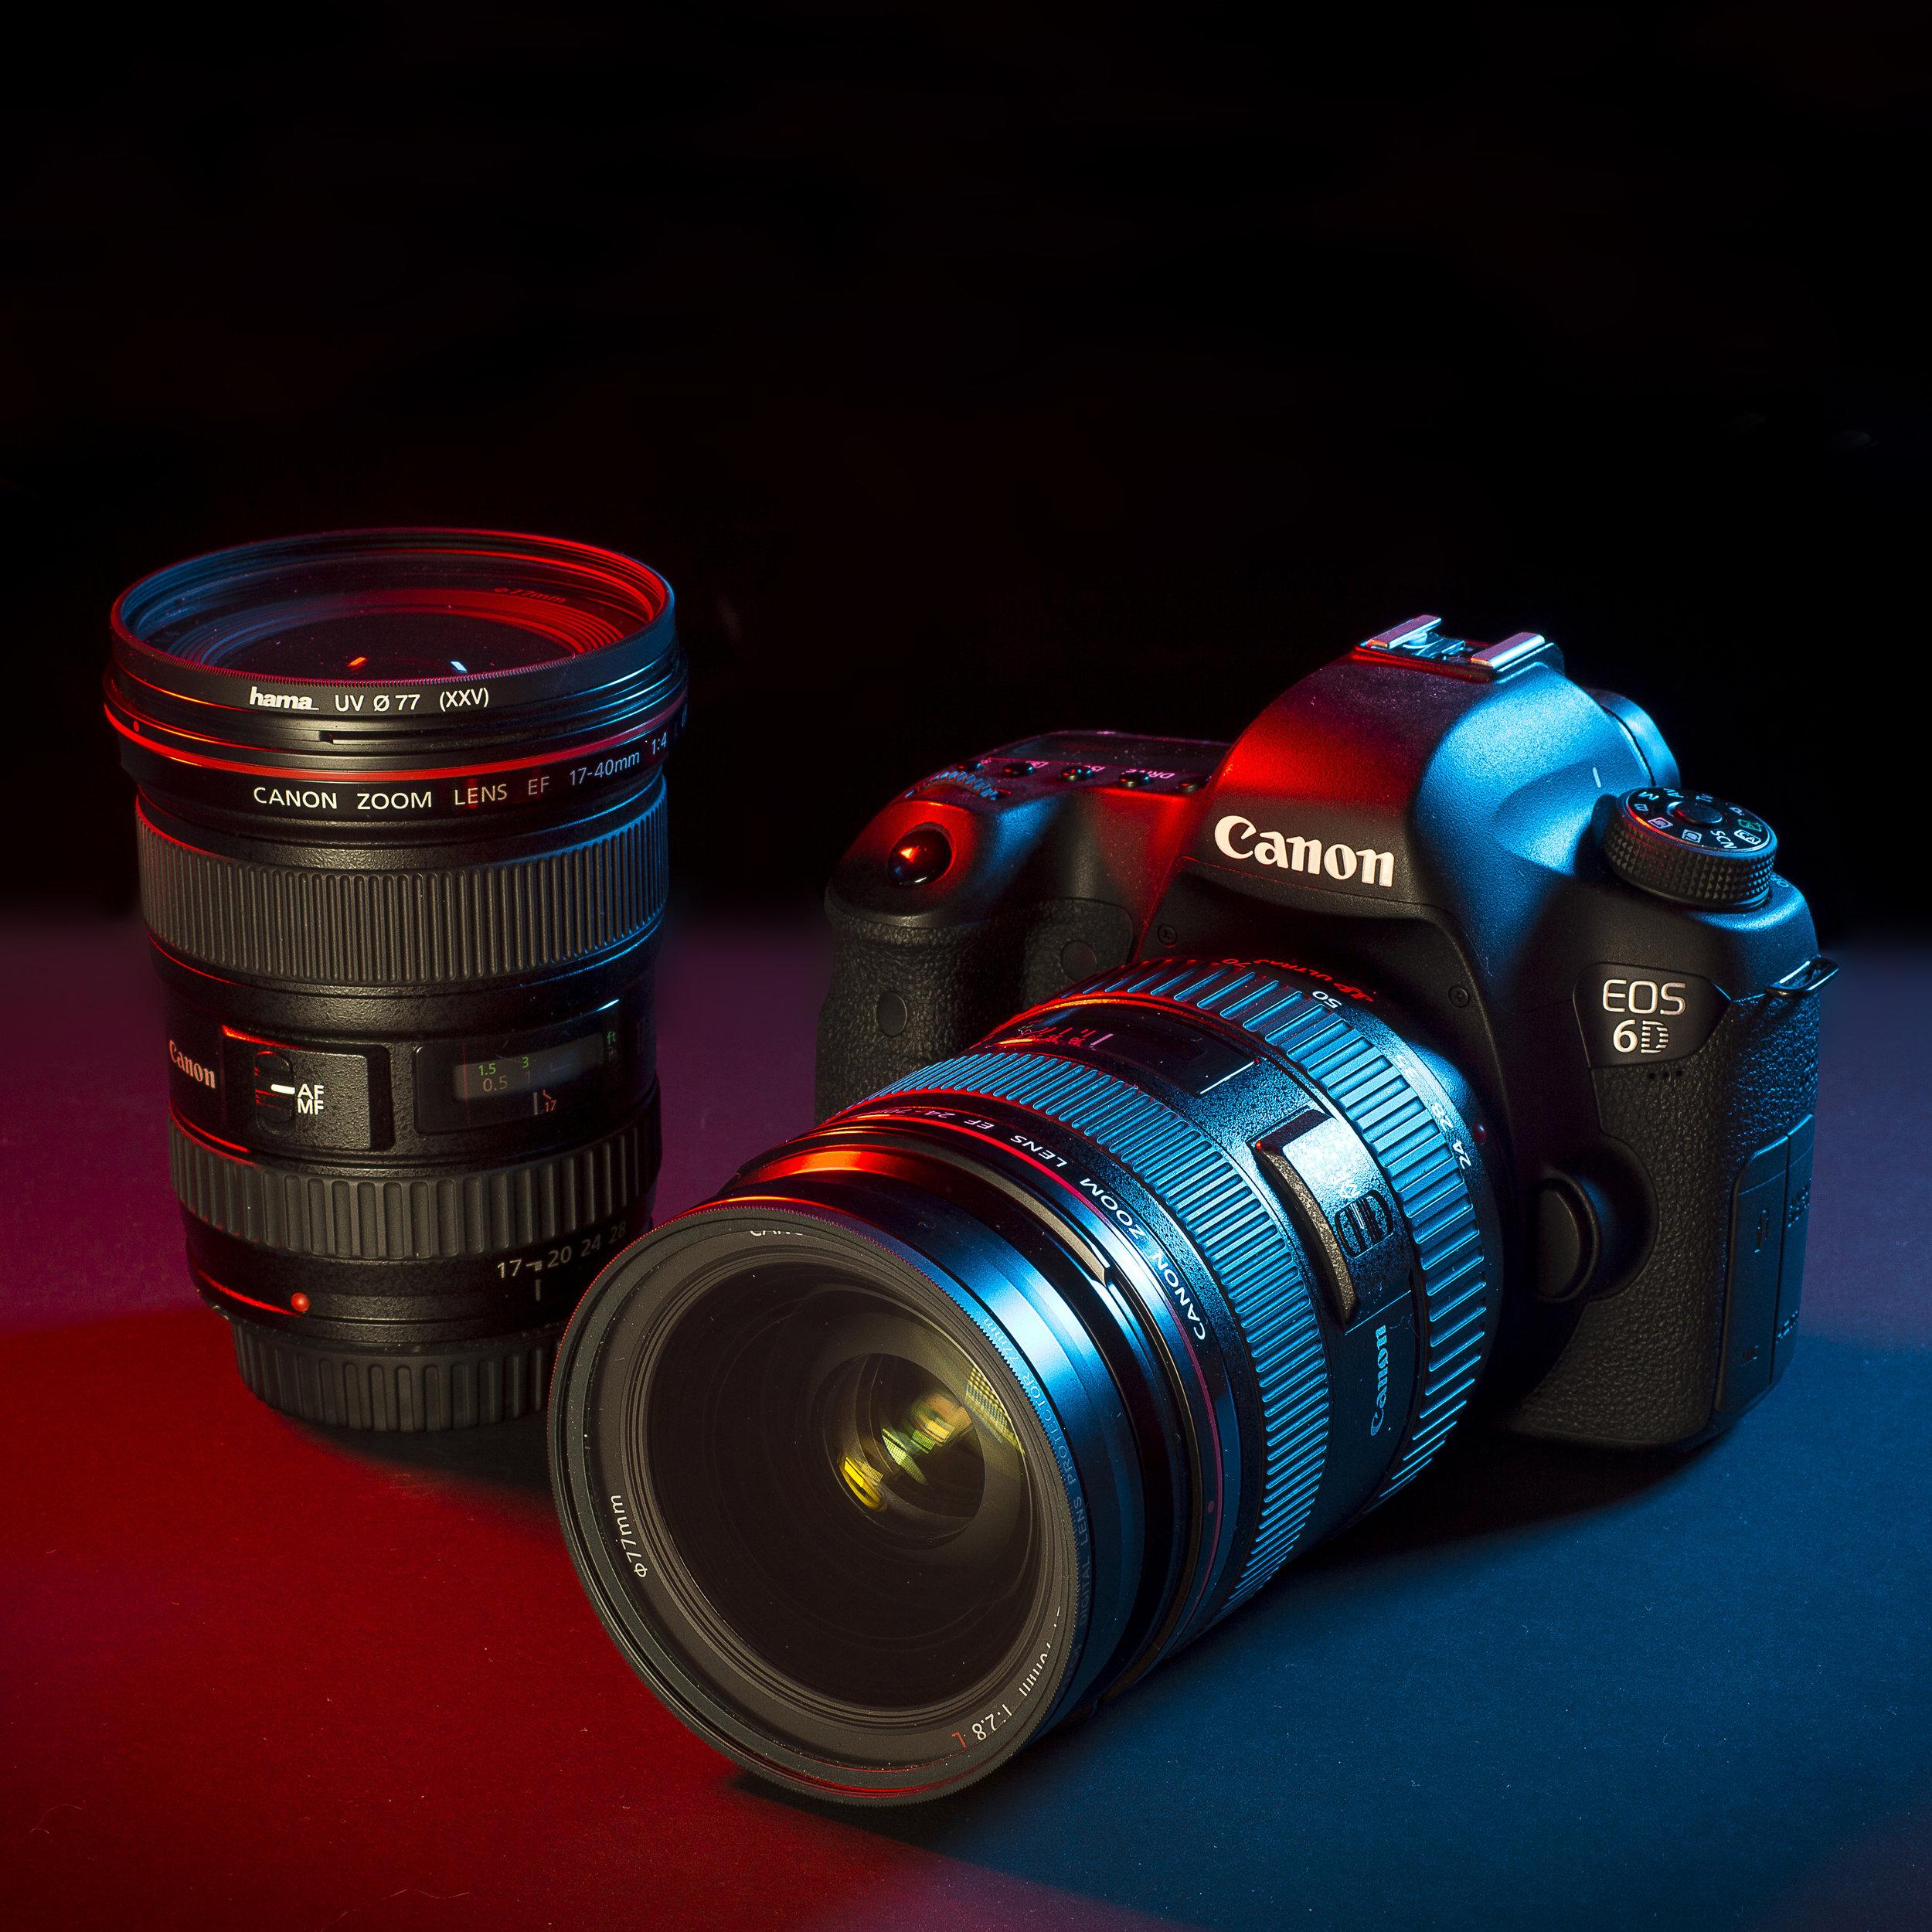 Il setup di Cesare Ferrari per fotografare i concerti:  Canon EOS 6D 17-40mm f/4 24-70mm f/2.8